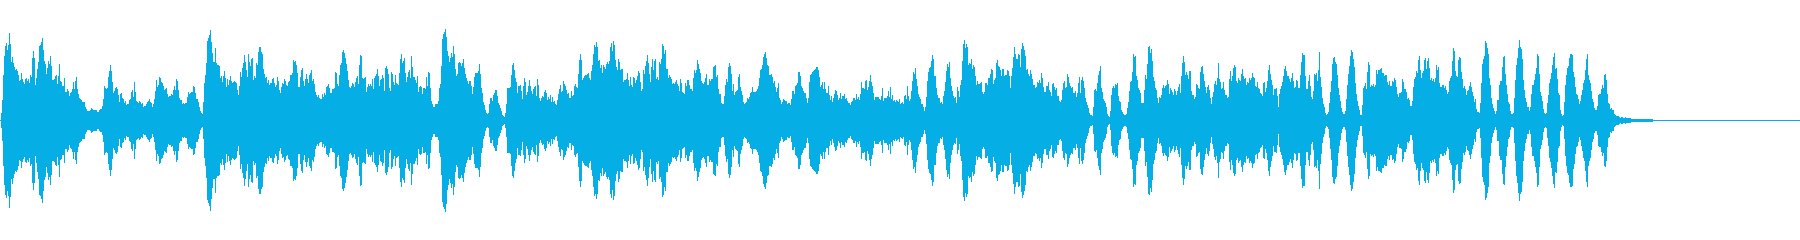 バッハのメヌエット(バイオリン演奏)の再生済みの波形